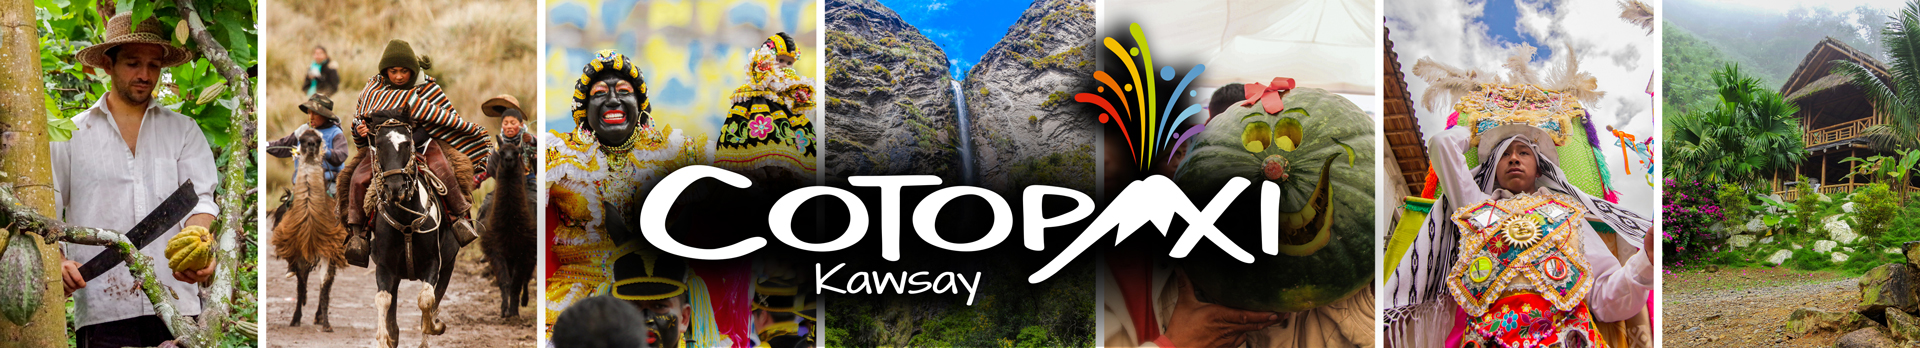 COTOPAXI-KAWSAY